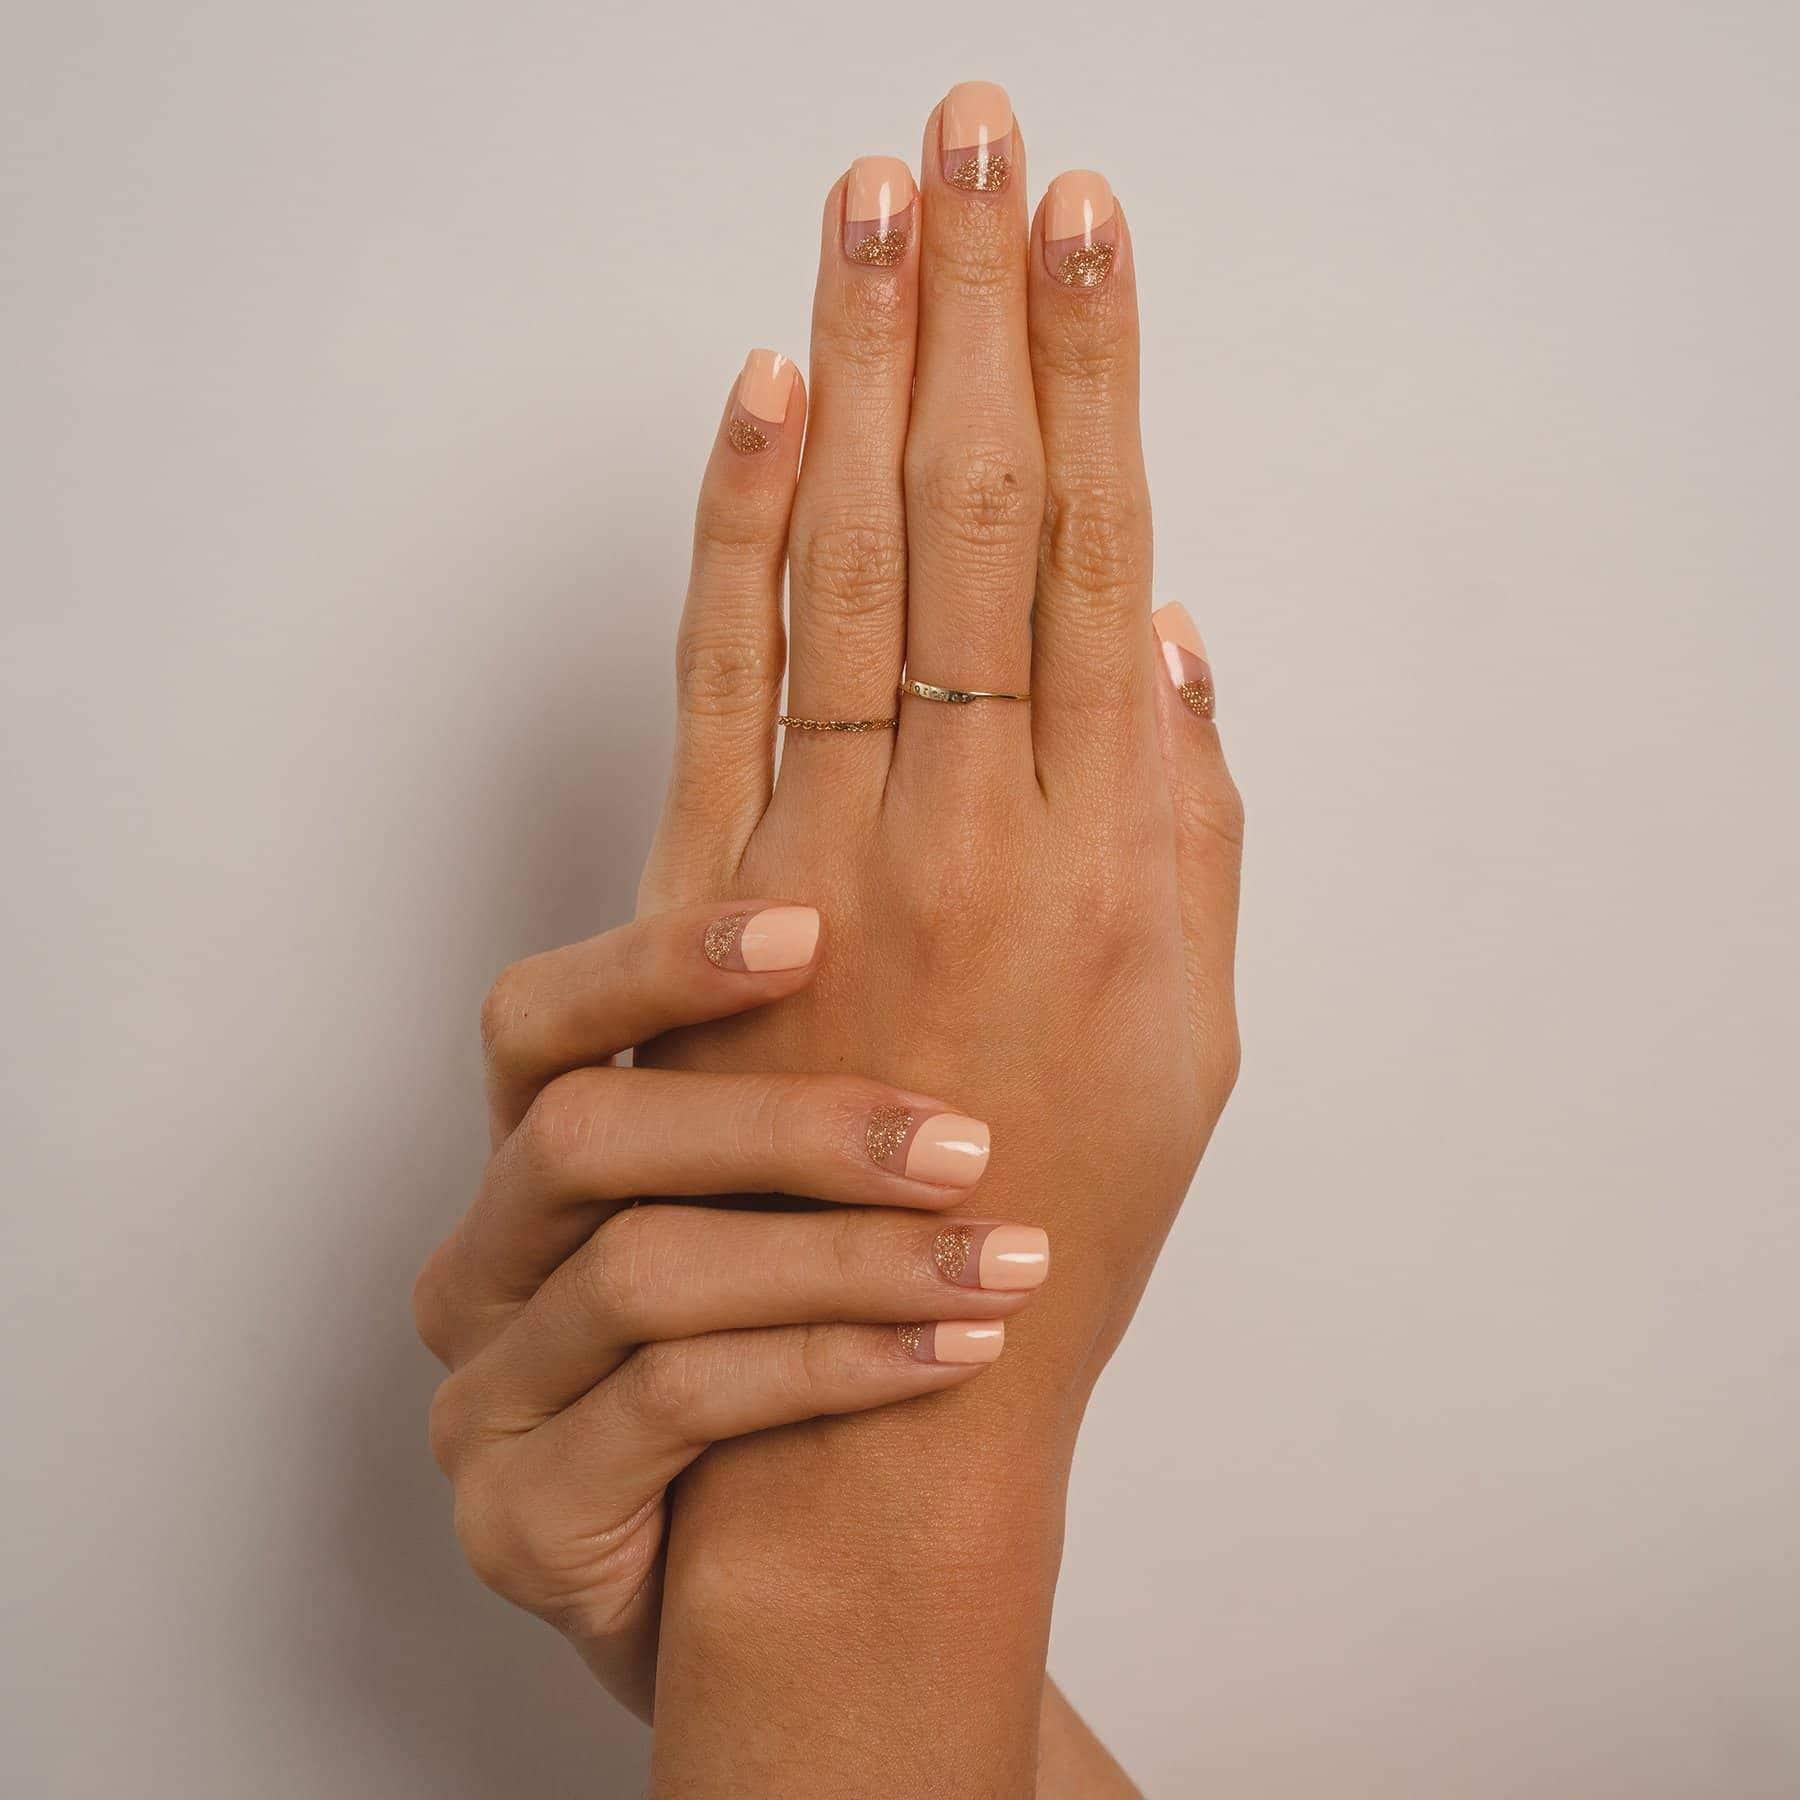 nail-product